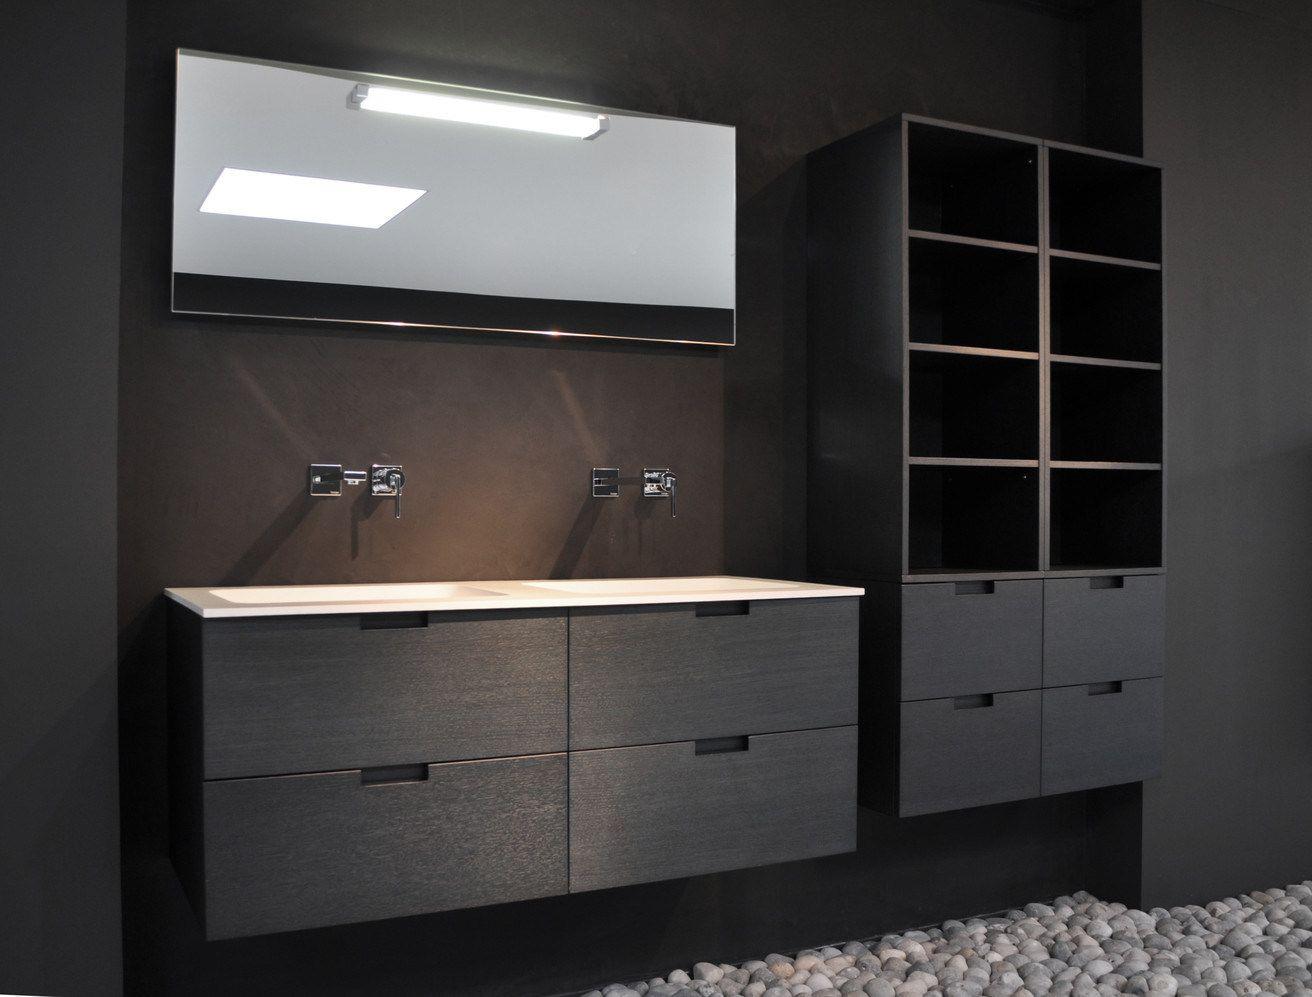 Showroomuitverkoop.nl badmeubel spiegel kast [48911]